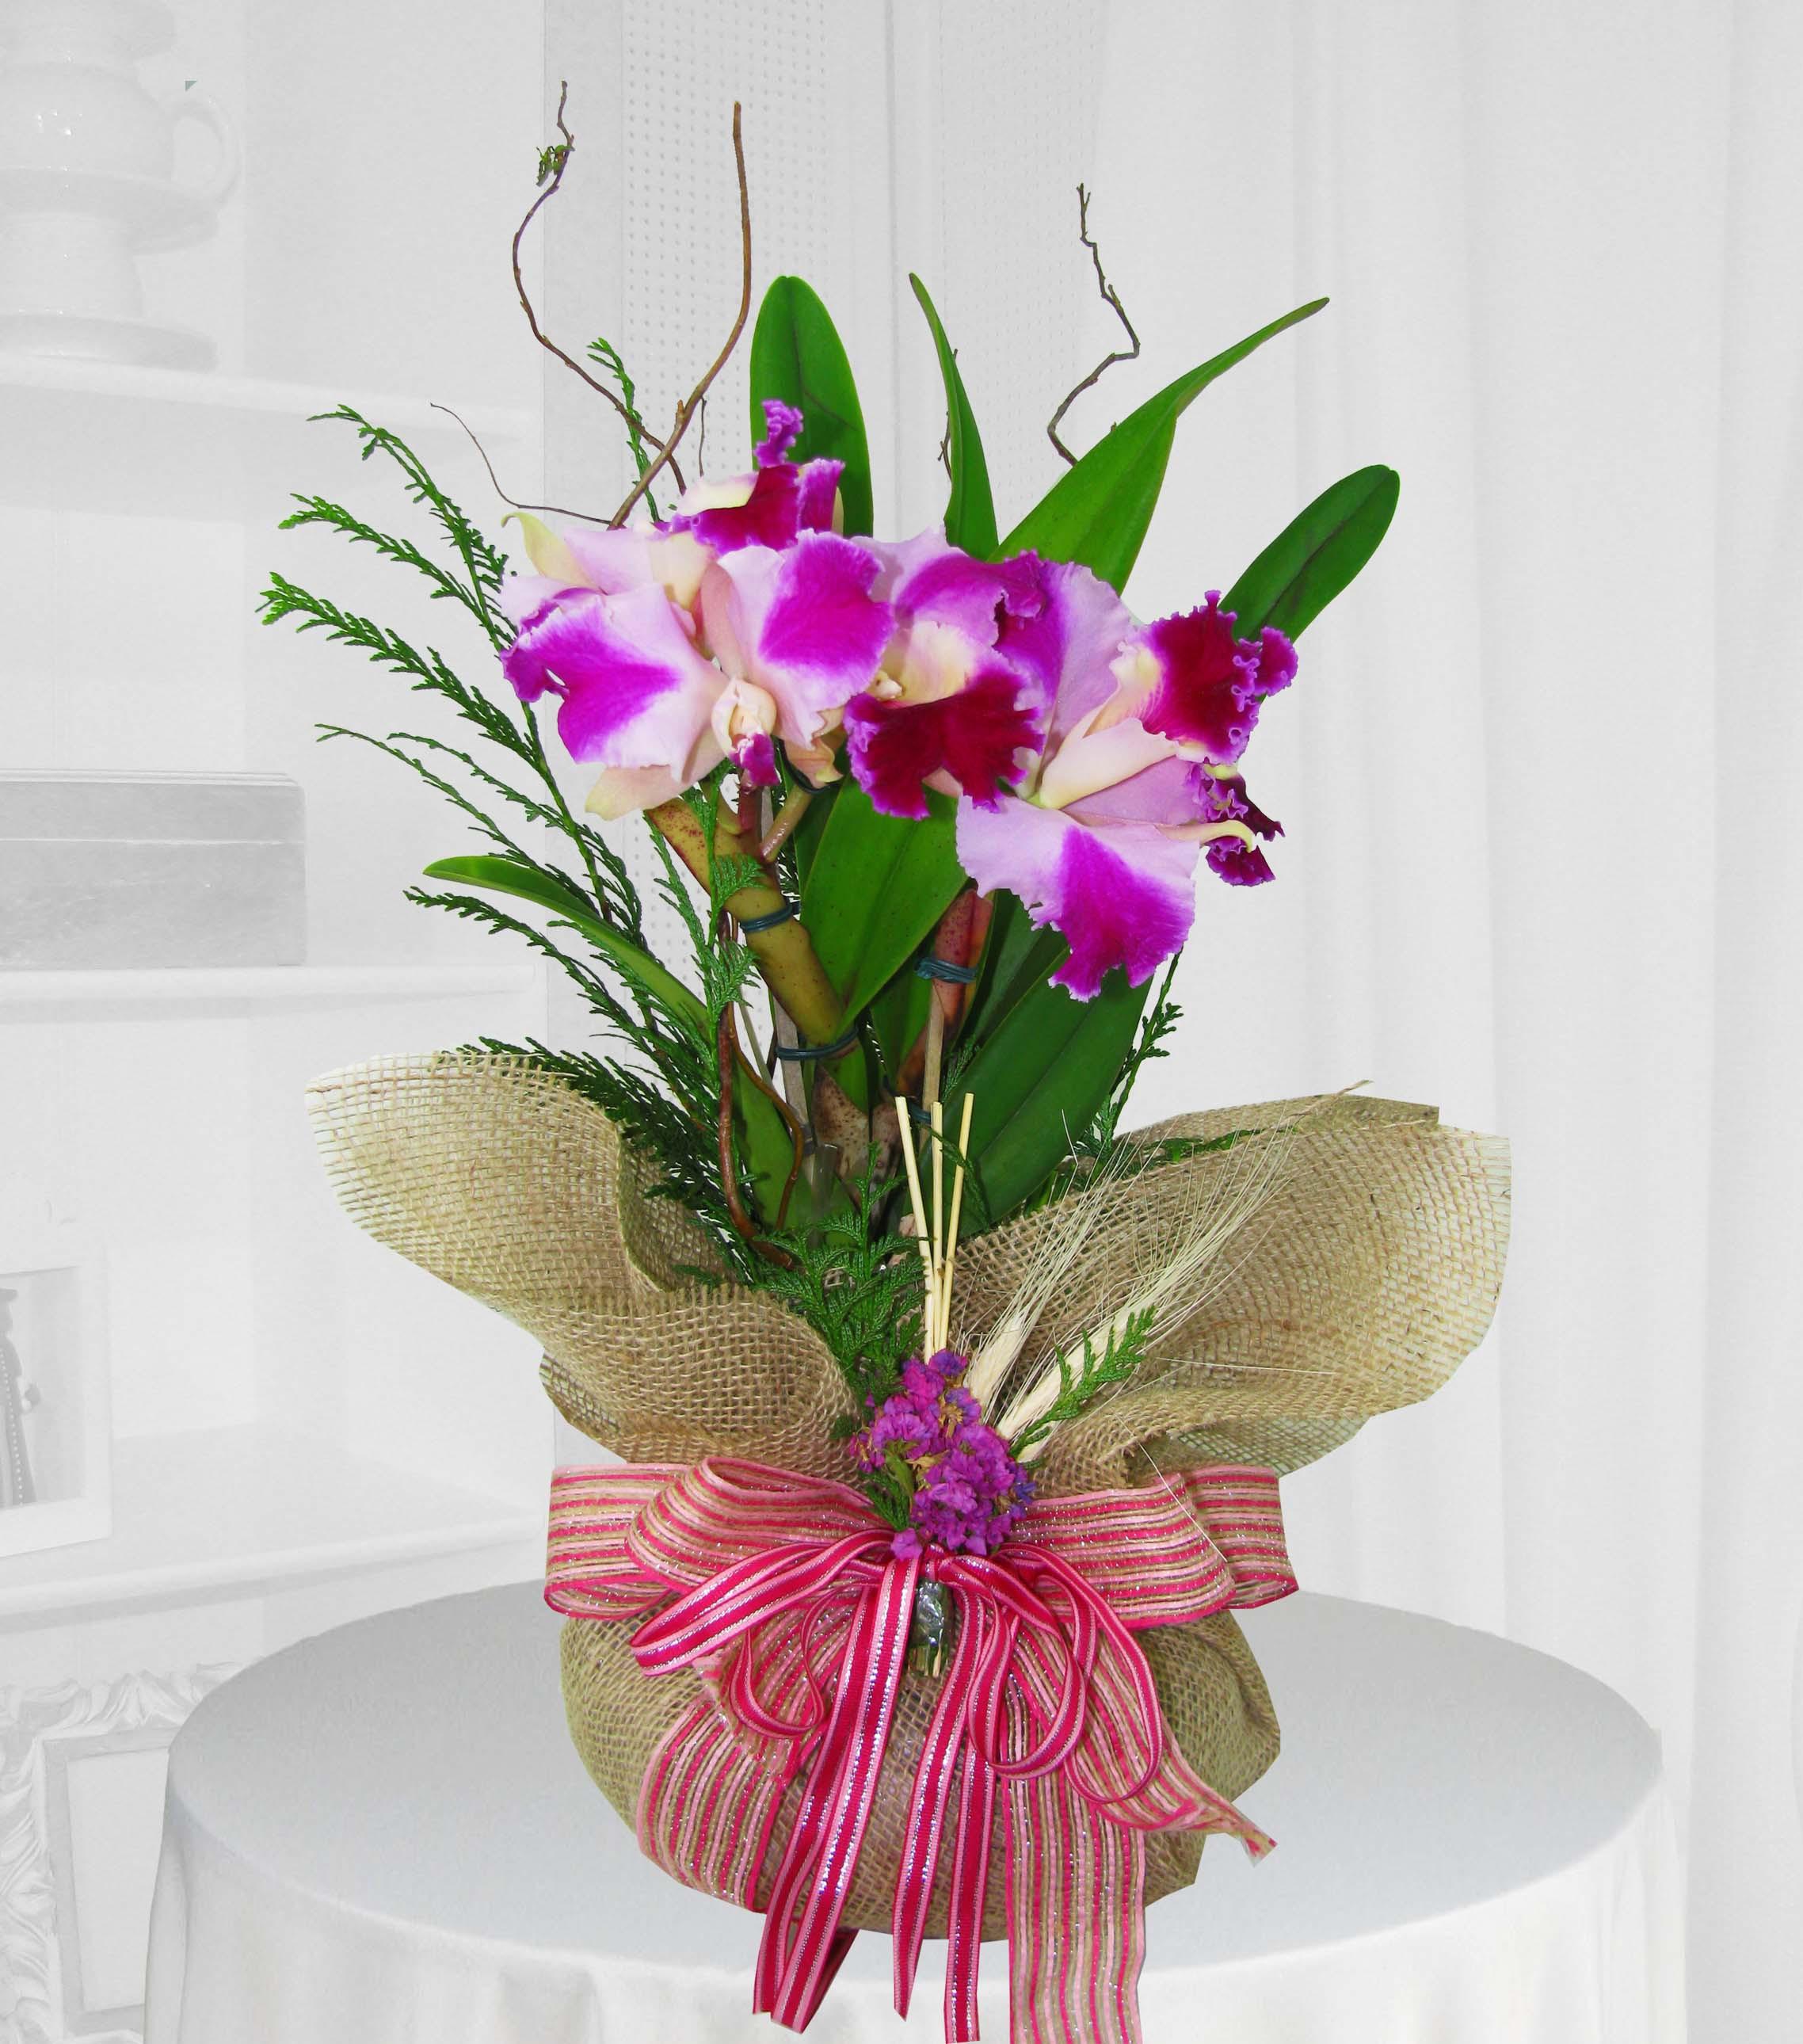 Orquídea cattleya na Juta - entrega para todo Brasil